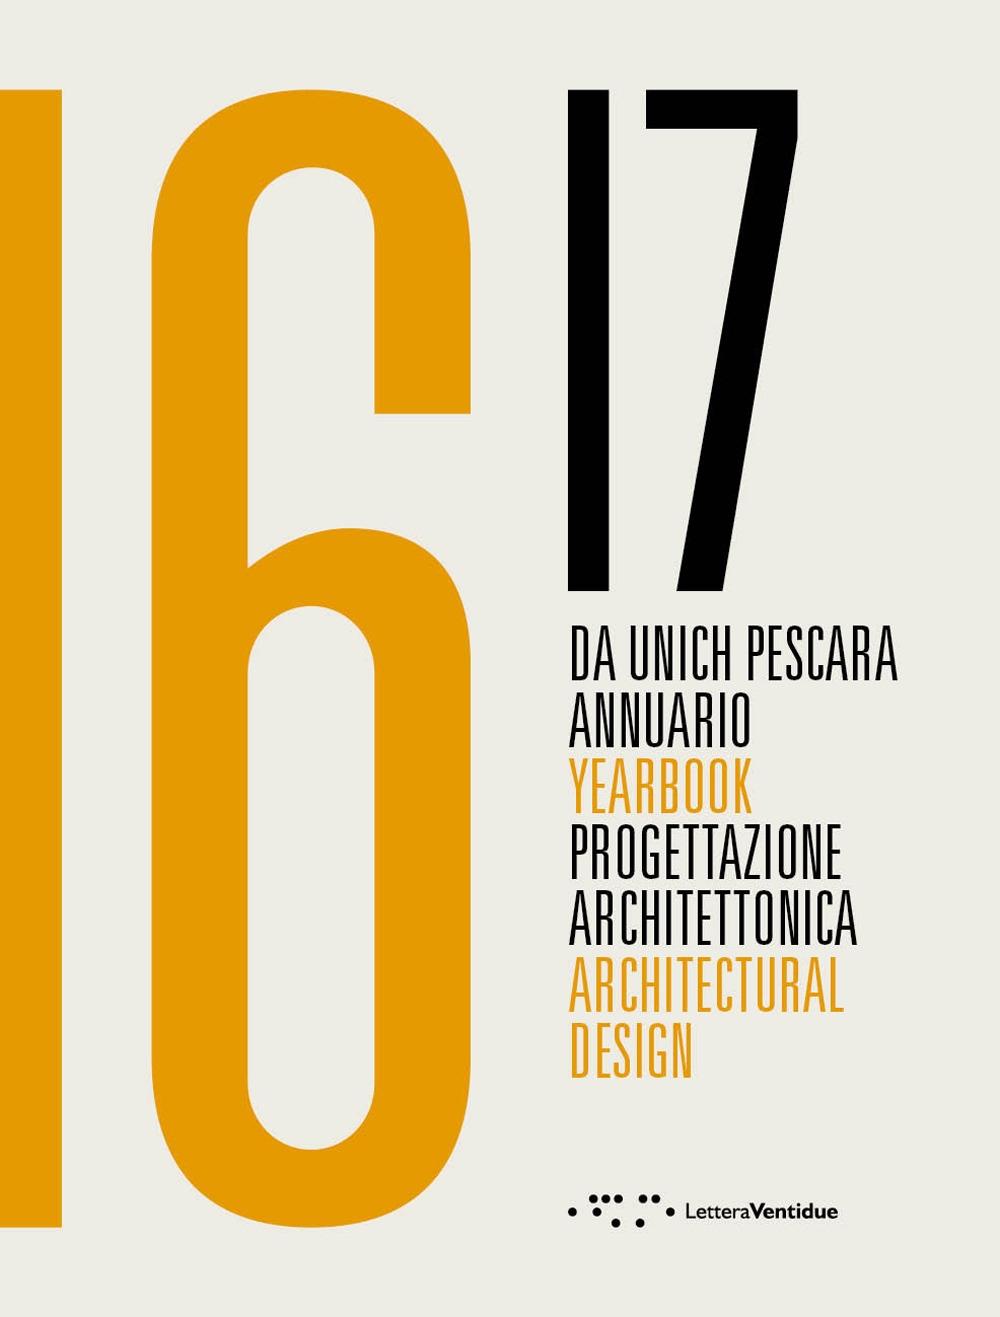 Da Unich Pescara 16-17. Progettazione architettonica. Architectural Design.